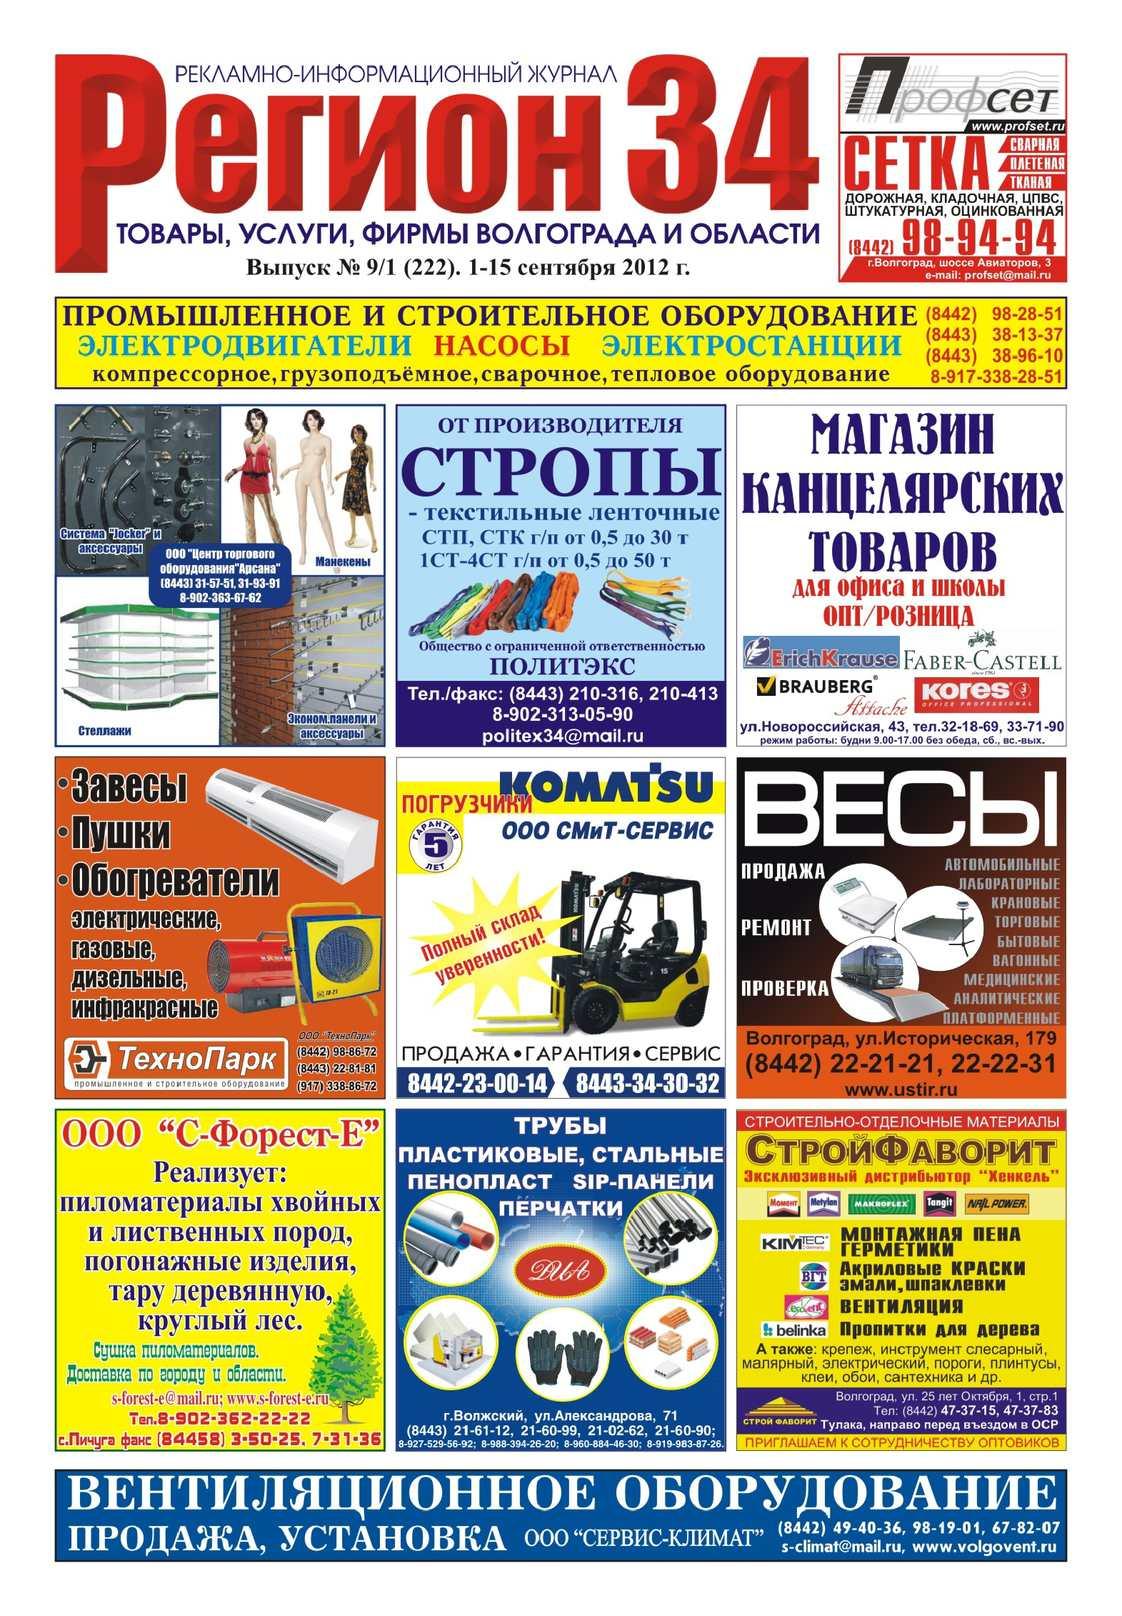 49c8a6ae4352 Calaméo - Регион34 выпуск 222 сентябрь(1) 2012 г